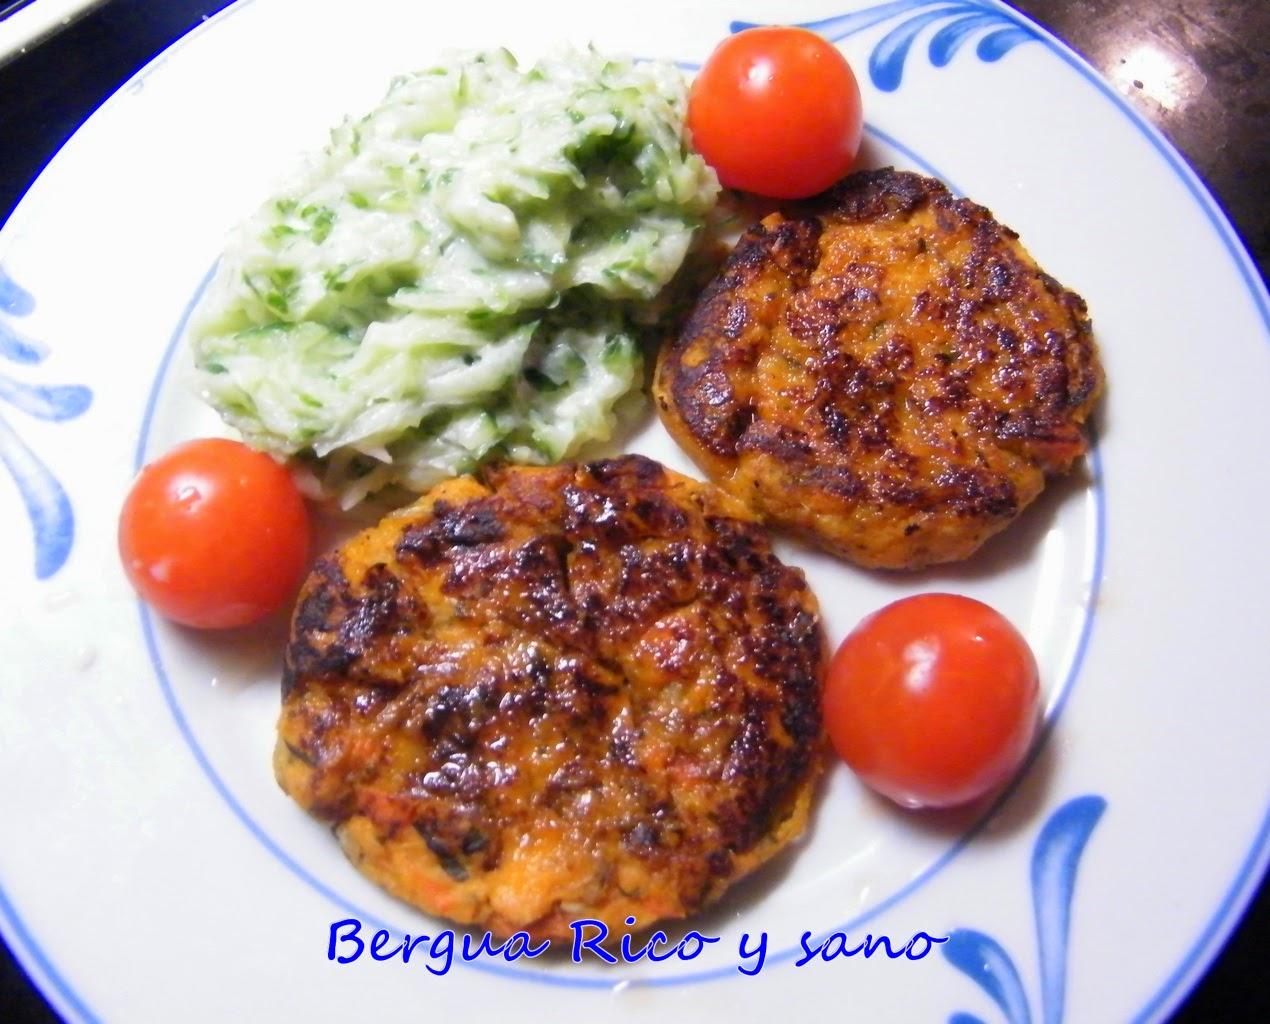 Comer rico y sano hamburguesas de boniato y miel - Hamburguesas vegetarianas caseras ...